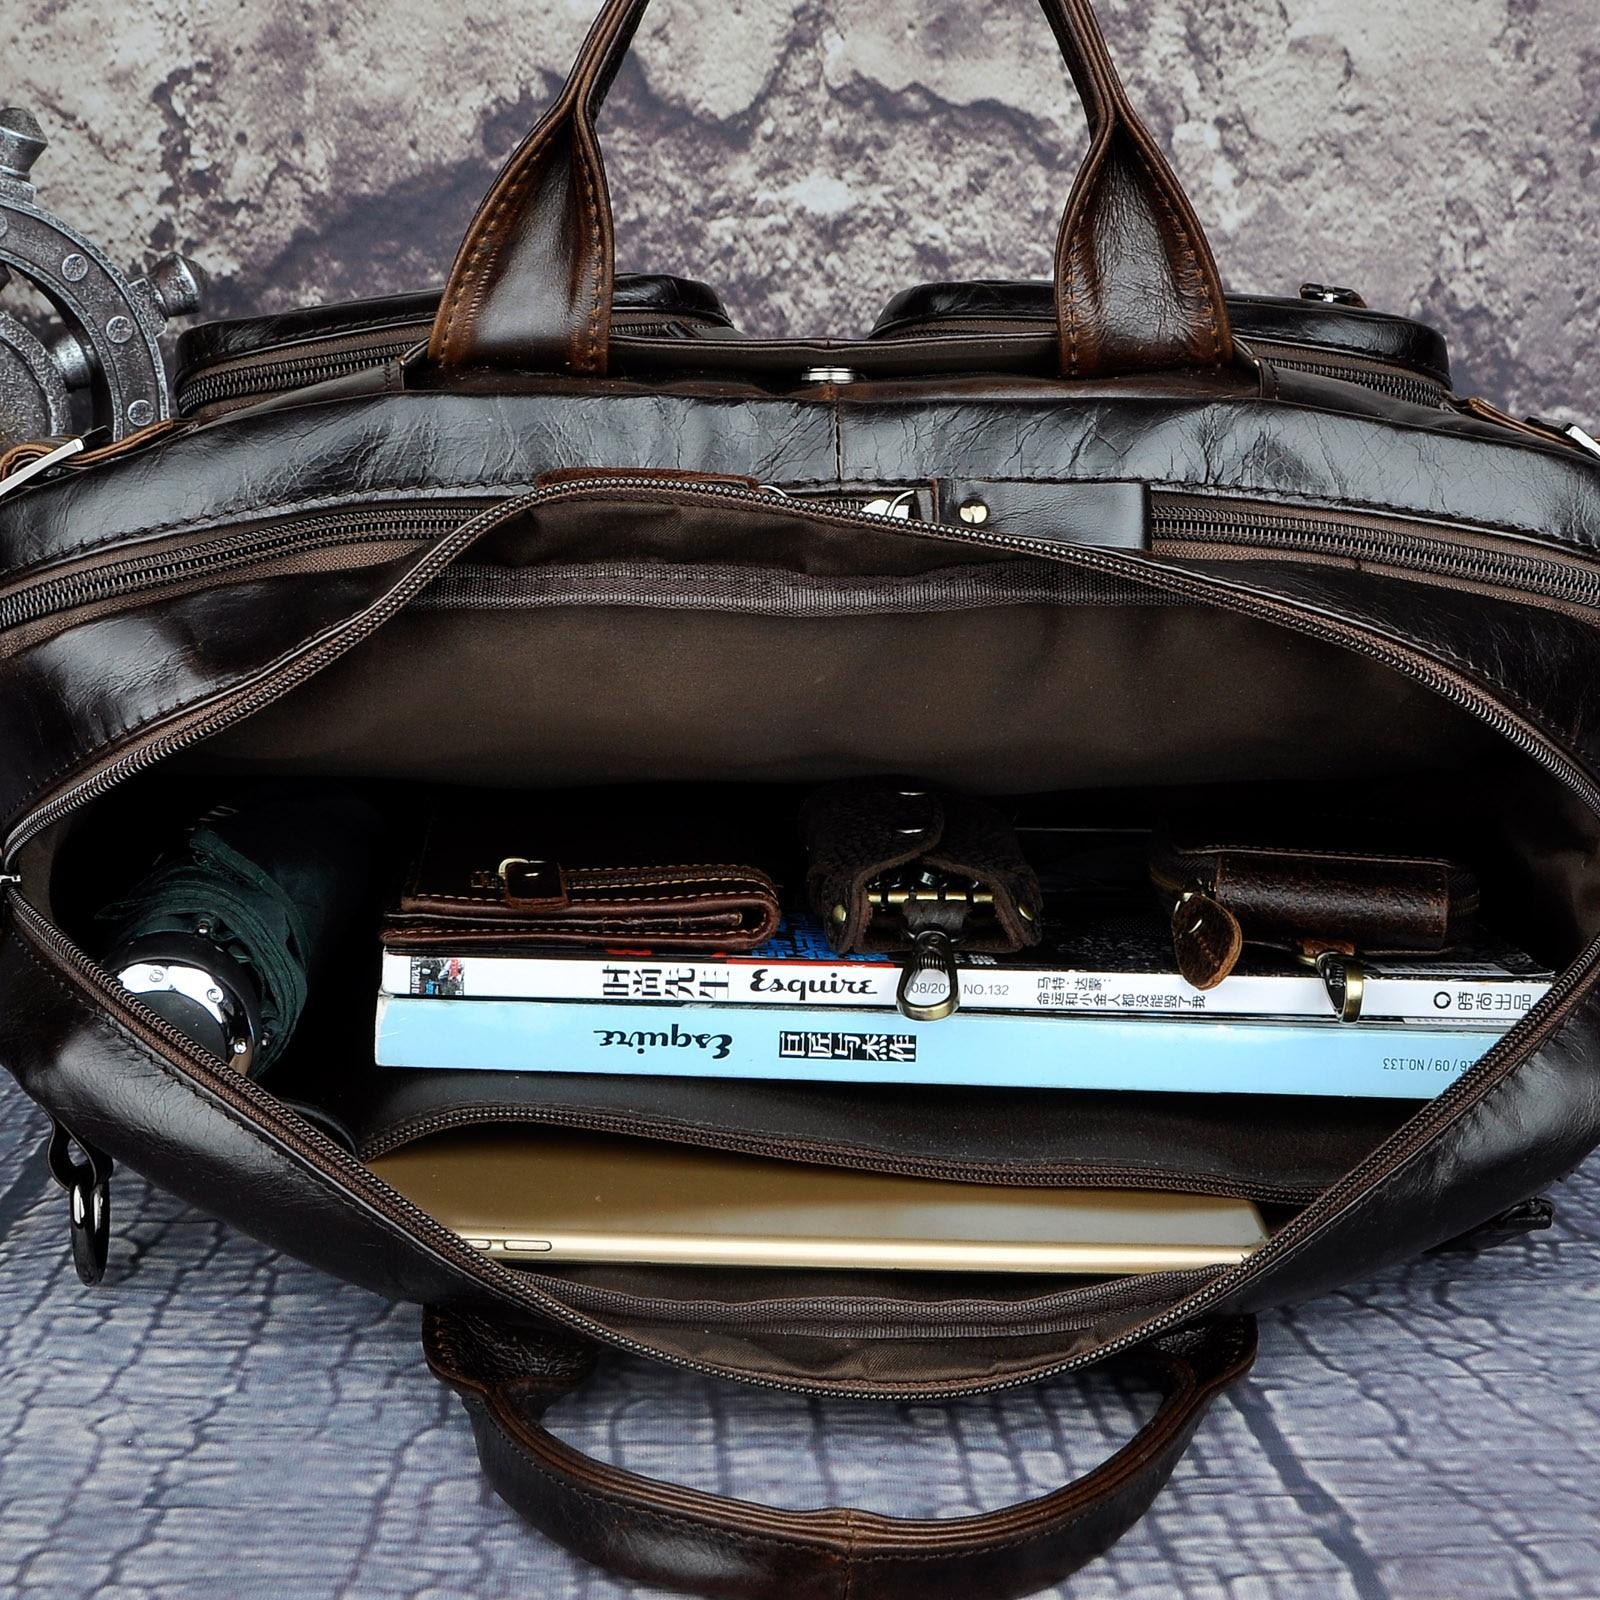 Véritable en cuir véritable mode mallette d'affaires Messenger sac mâle Design voyage ordinateur portable porte-documents fourre-tout portefeuille sac k1013c - 6